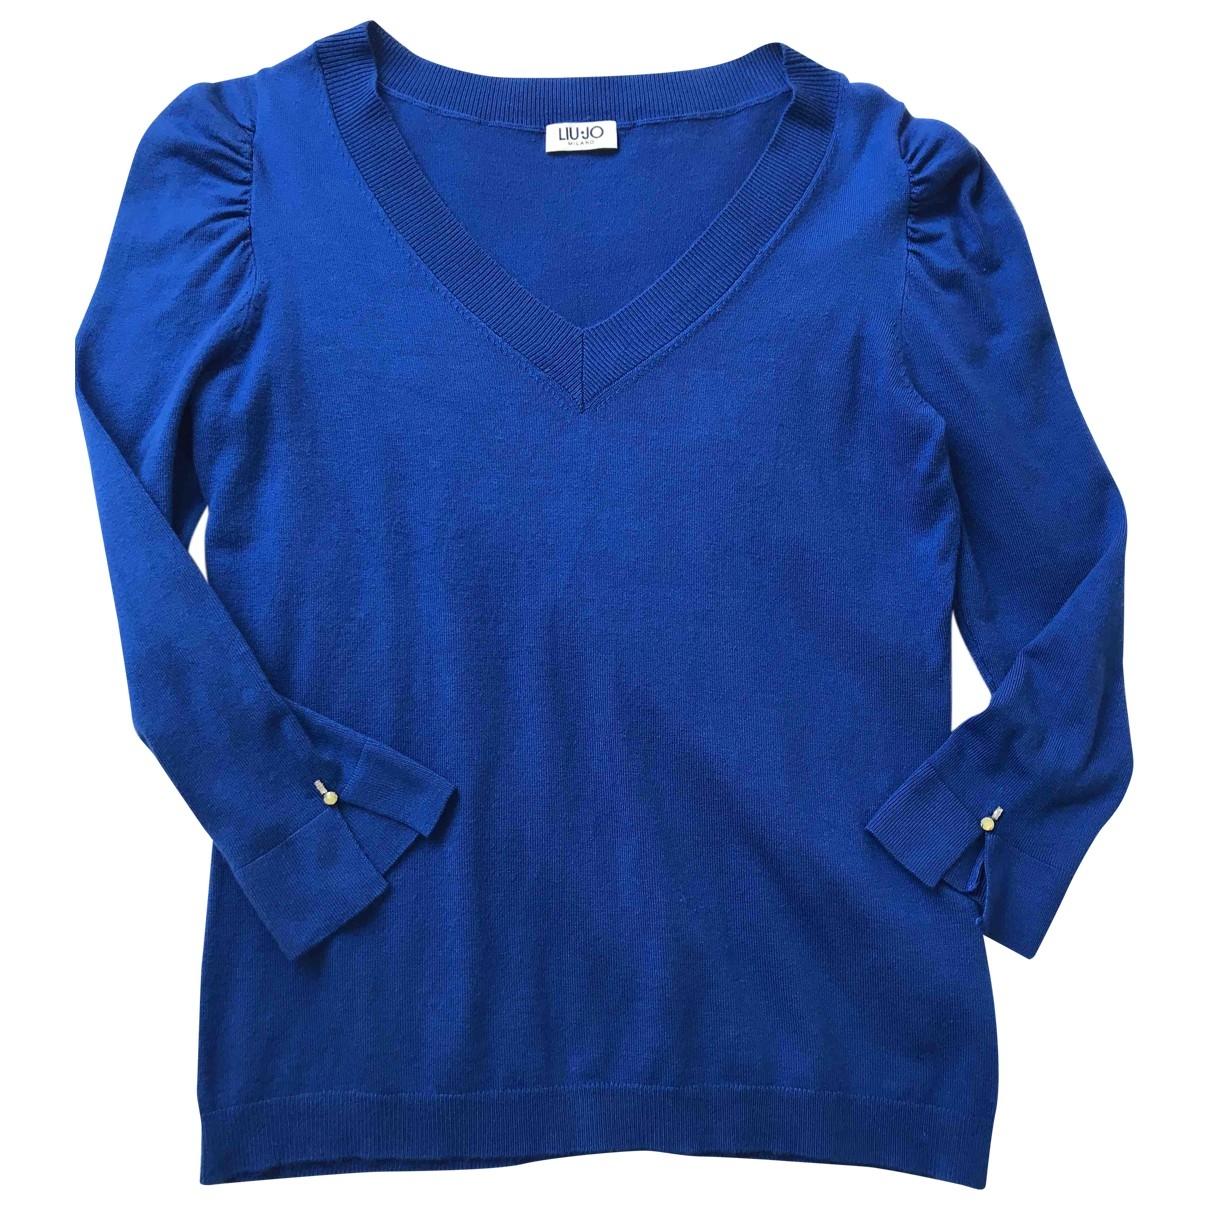 Liu.jo \N Blue Knitwear for Women S International